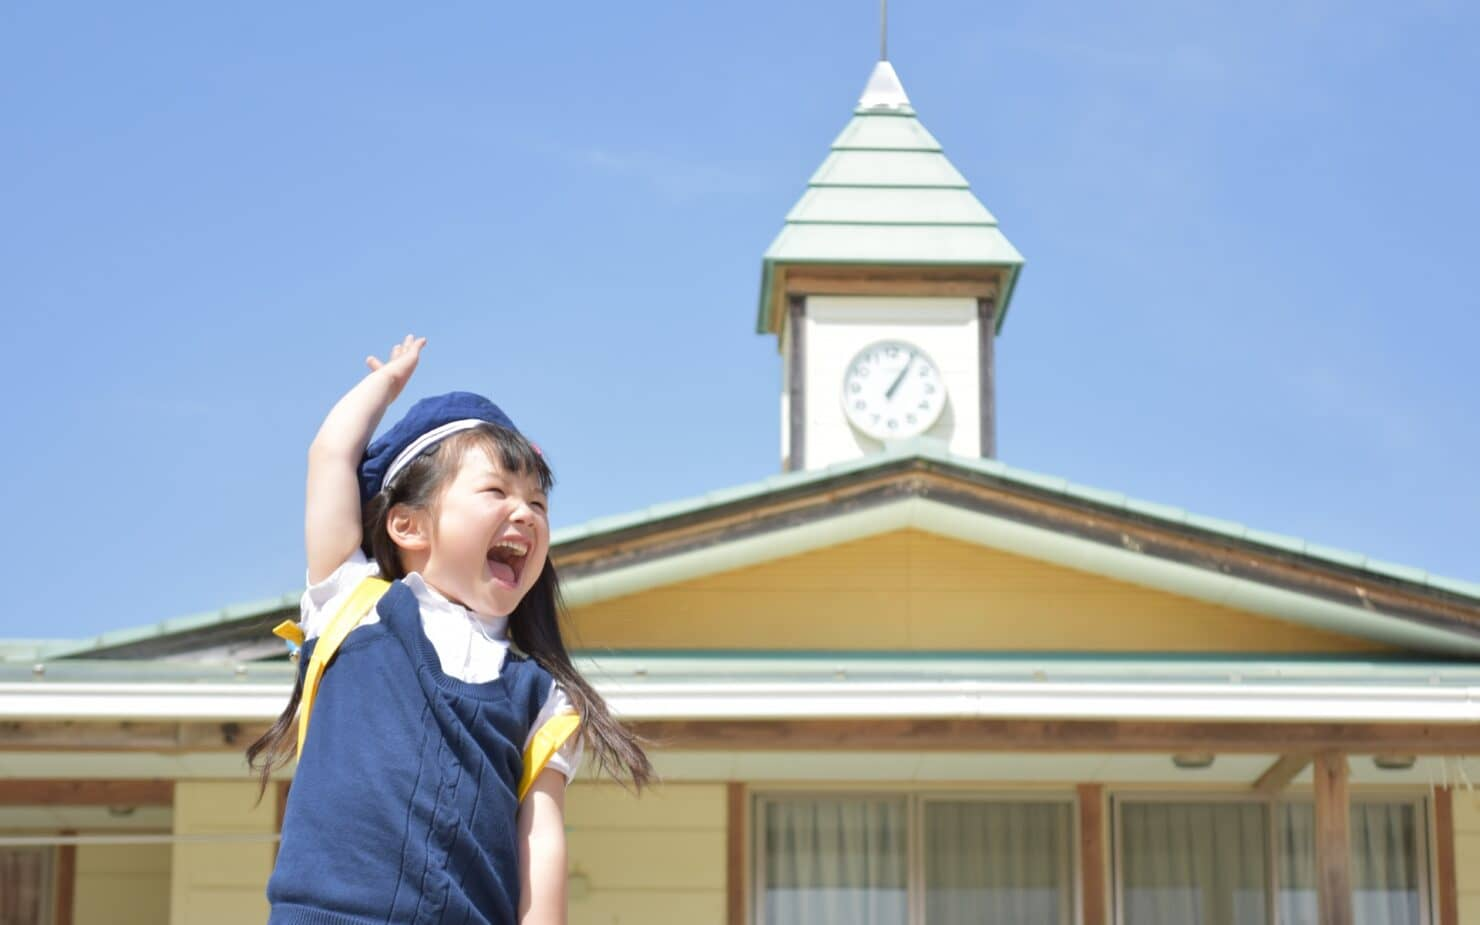 幼稚園・保育園の入園準備、コップ袋のサイズや作り方は? ネットオーダーもできるの?